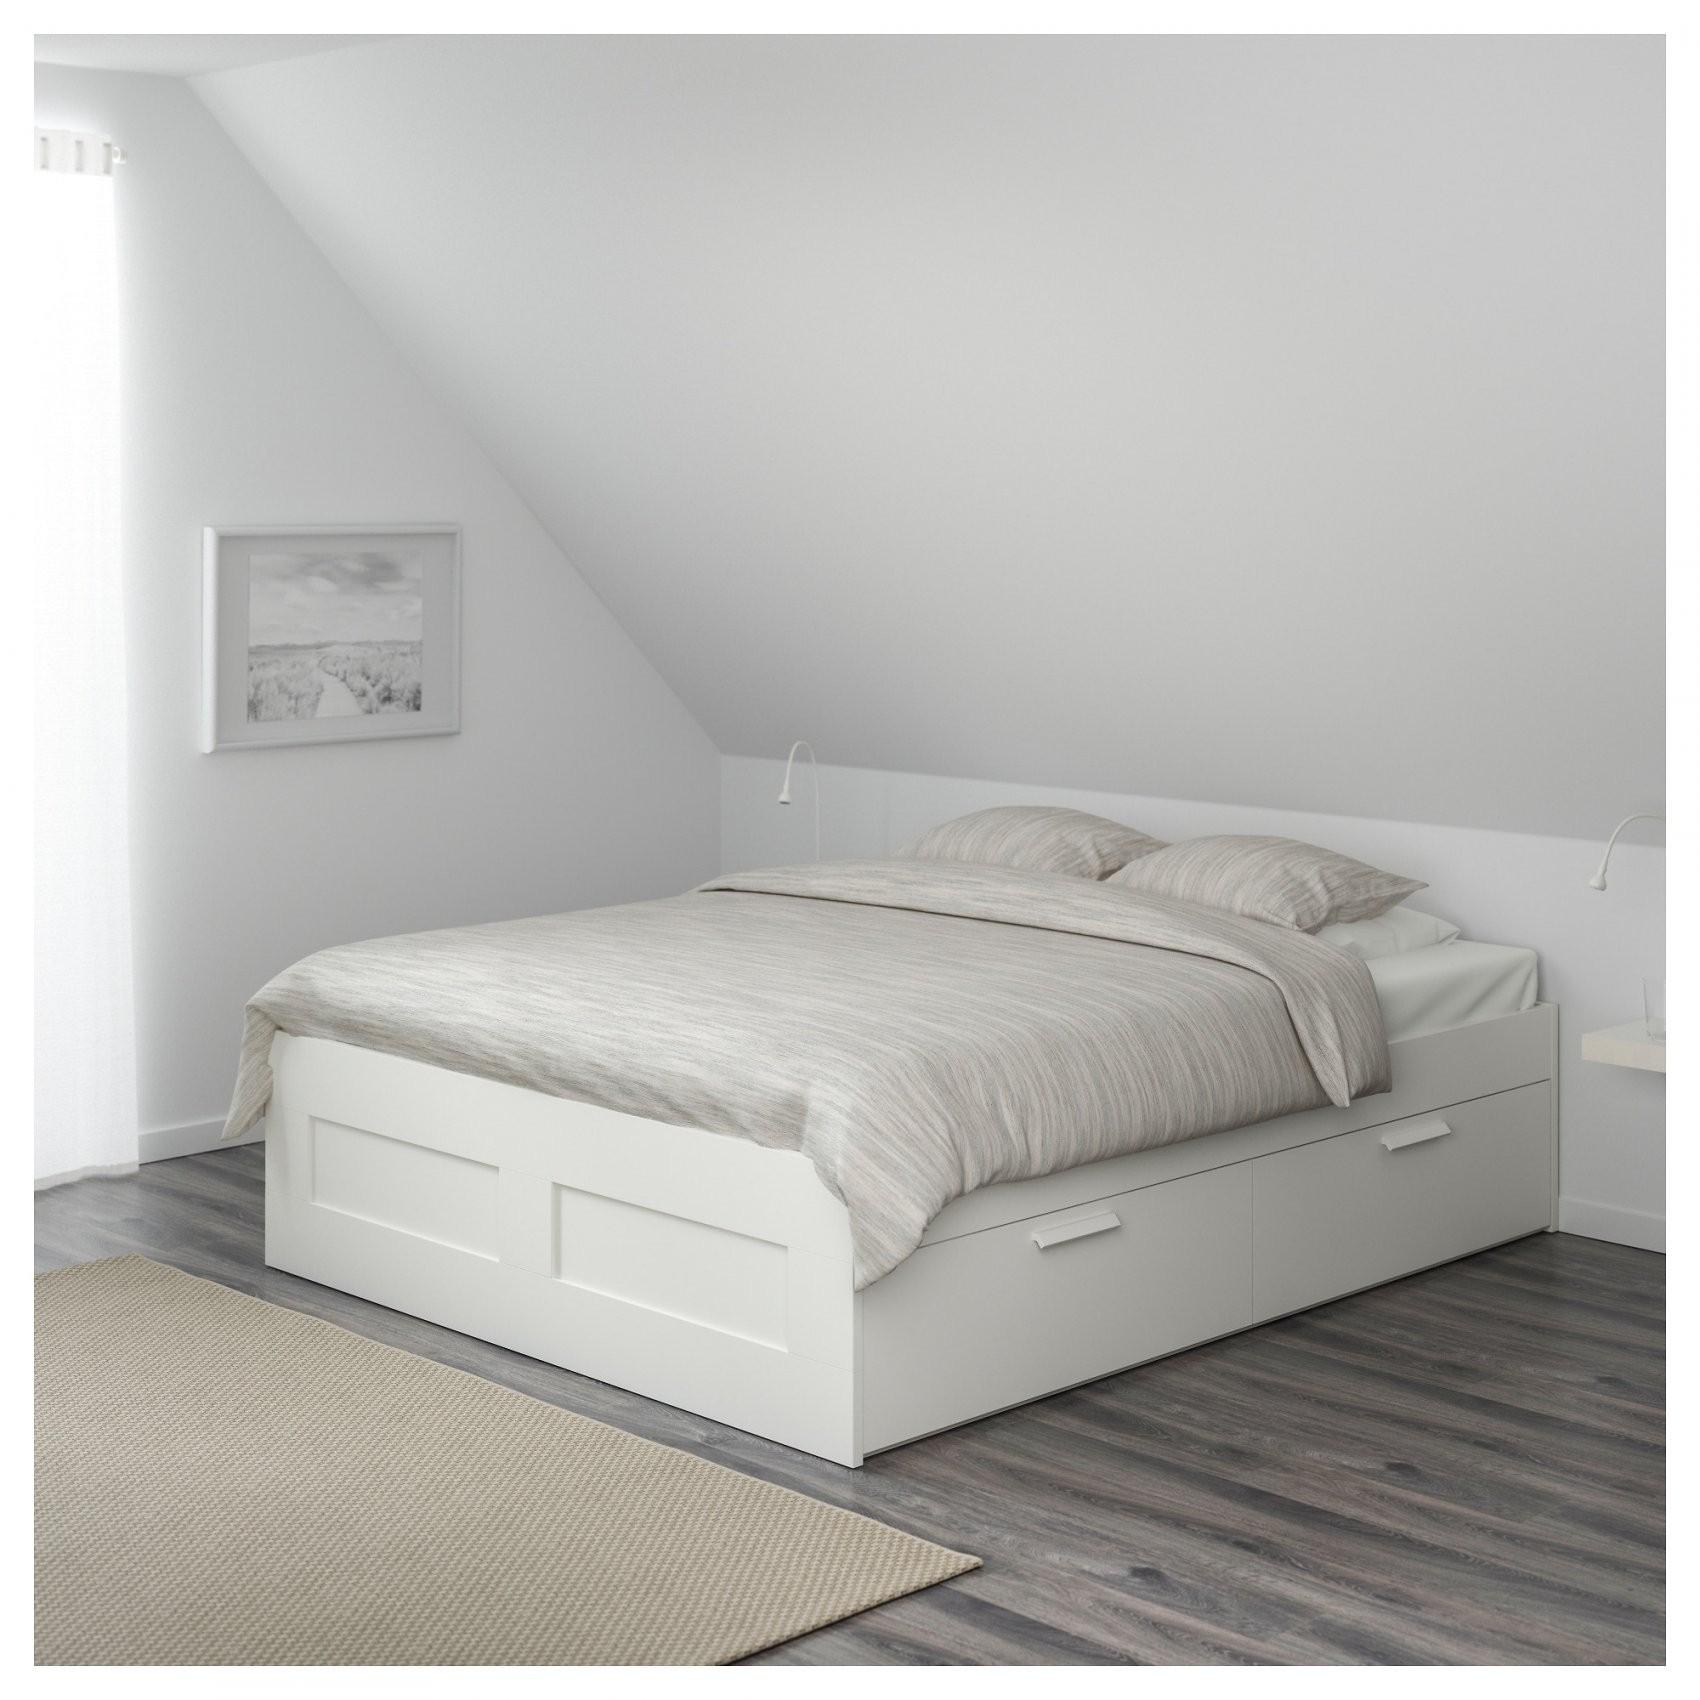 Brimnes Bettgestell Mit Schubladen  140X200 Cm   Ikea von Ikea Bett Weiß 180X200 Photo